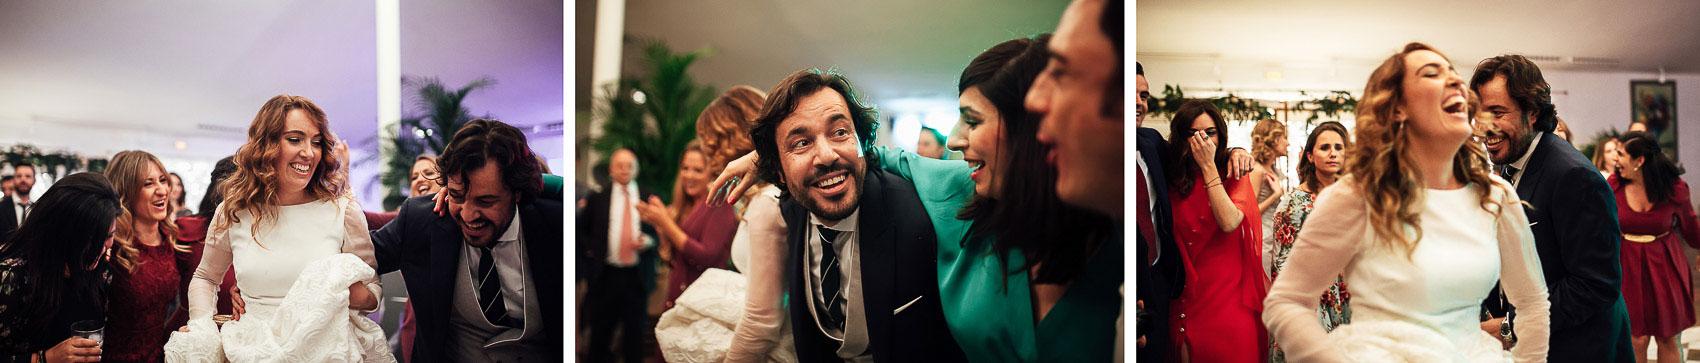 novios fiesta copas invitados cocktail fotografia